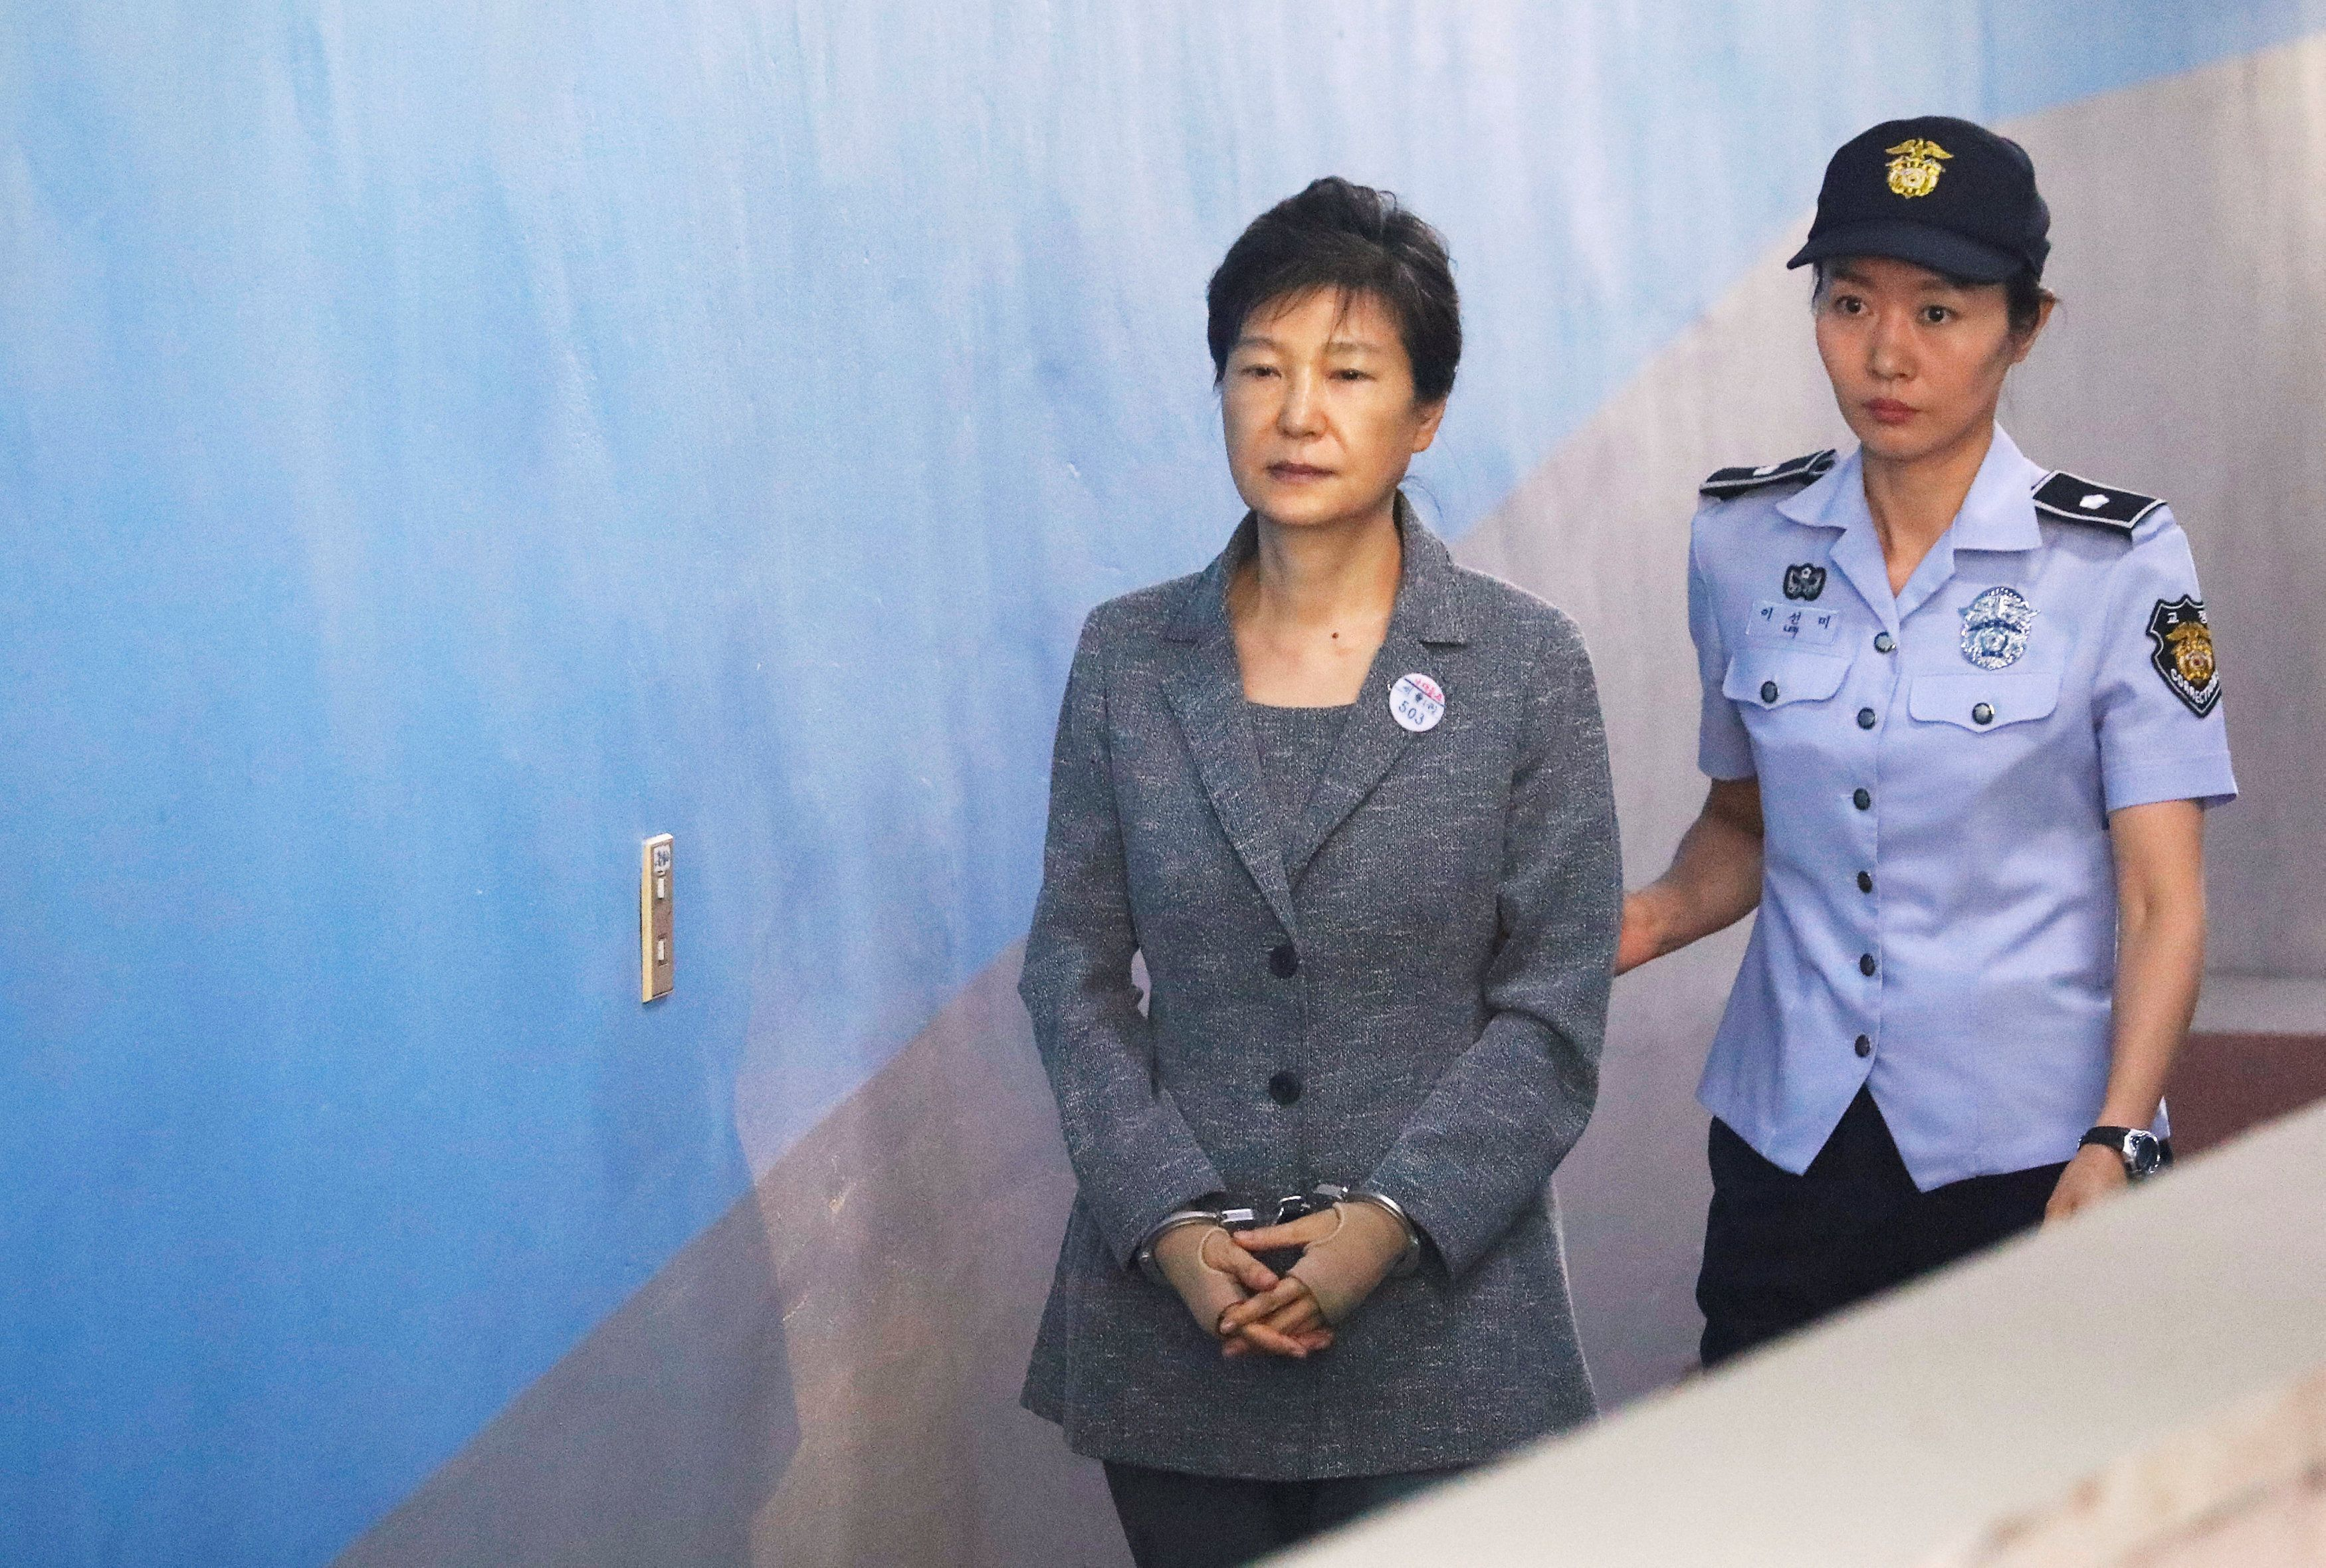 박근혜 전 대통령이 또다시 재판에